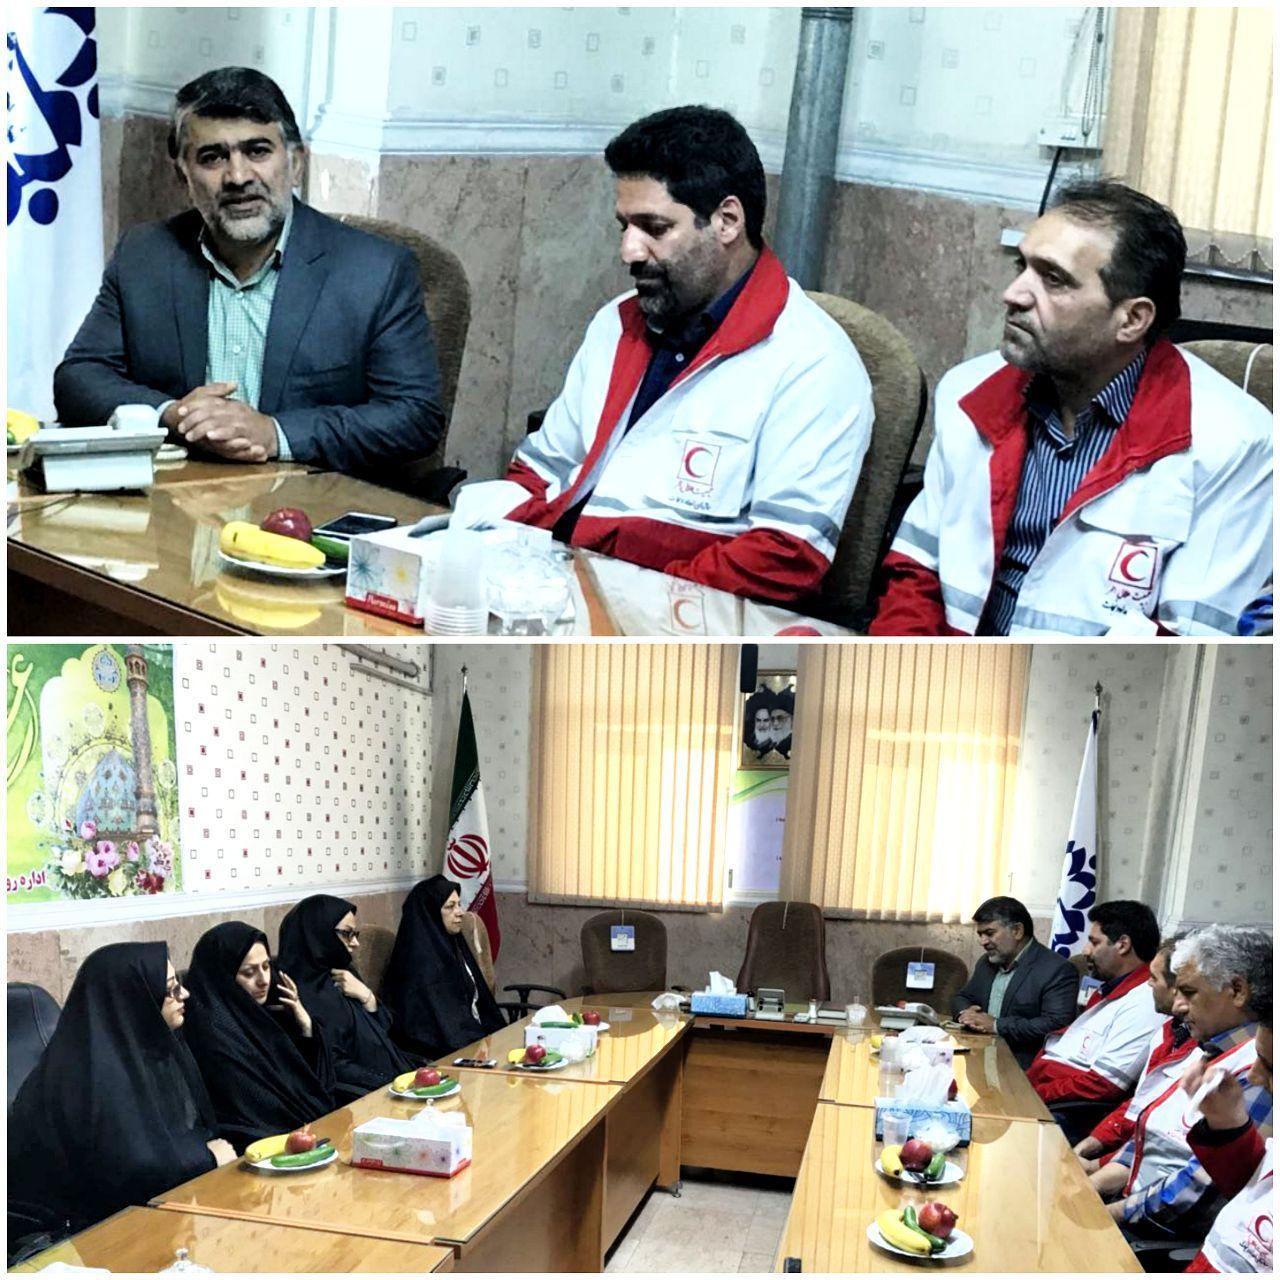 دیدار رئیس و پرسنل جمعیت هلال احمرباسید رضا احمدی رئیس شورای اسلامی شهر ورامین